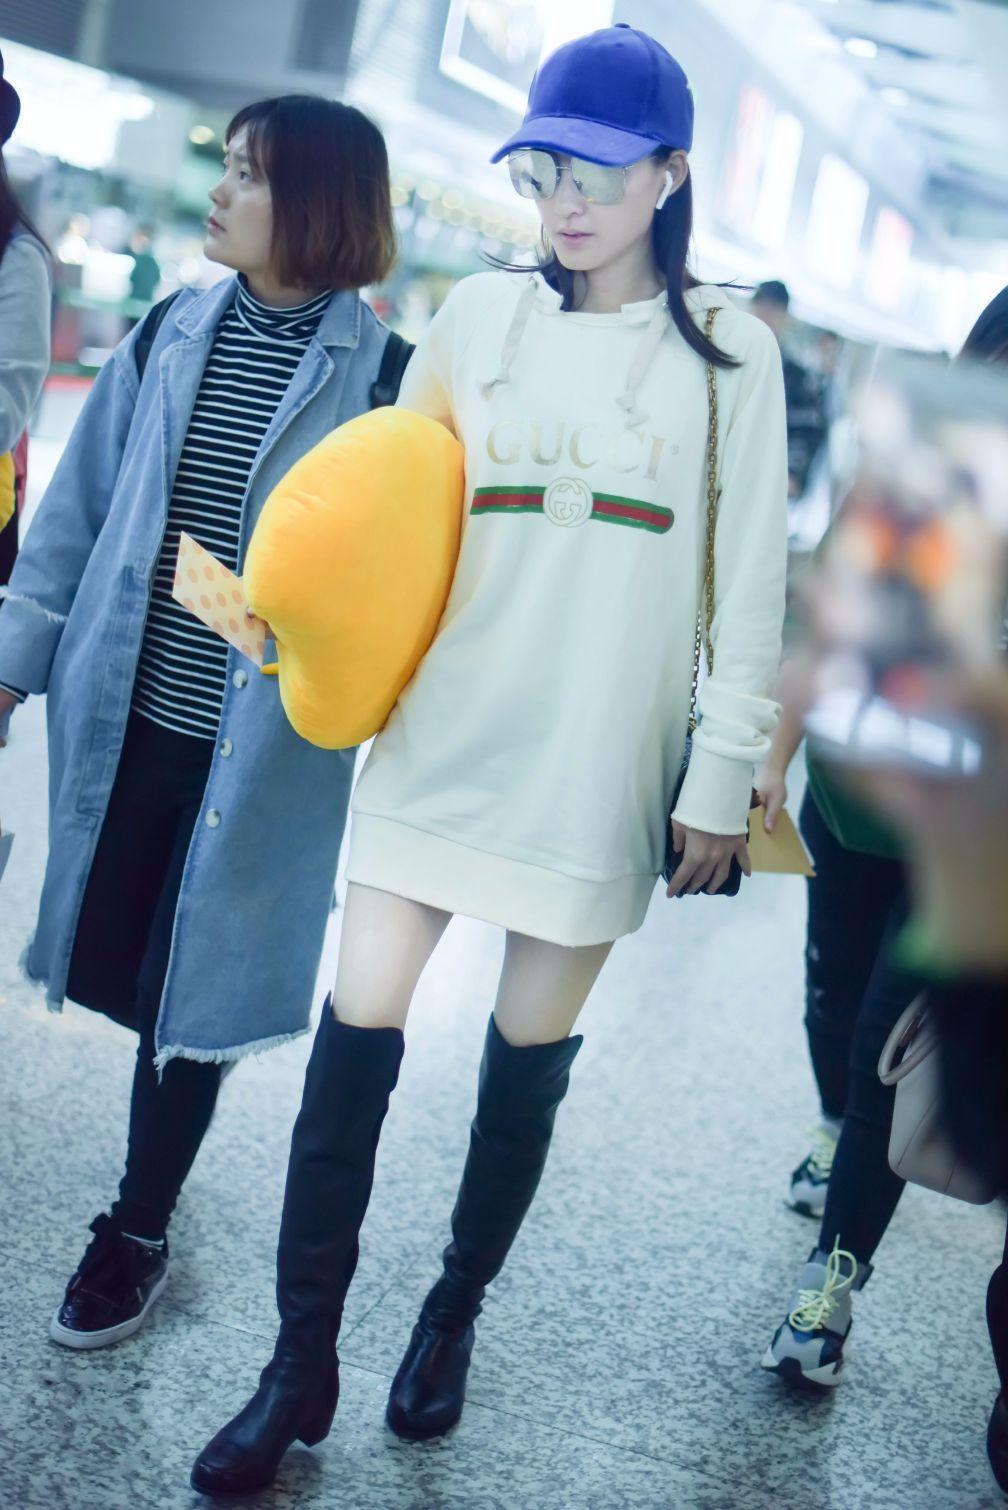 王丽坤全身上下只穿一件卫衣现身机场,网友:林更新不介意?